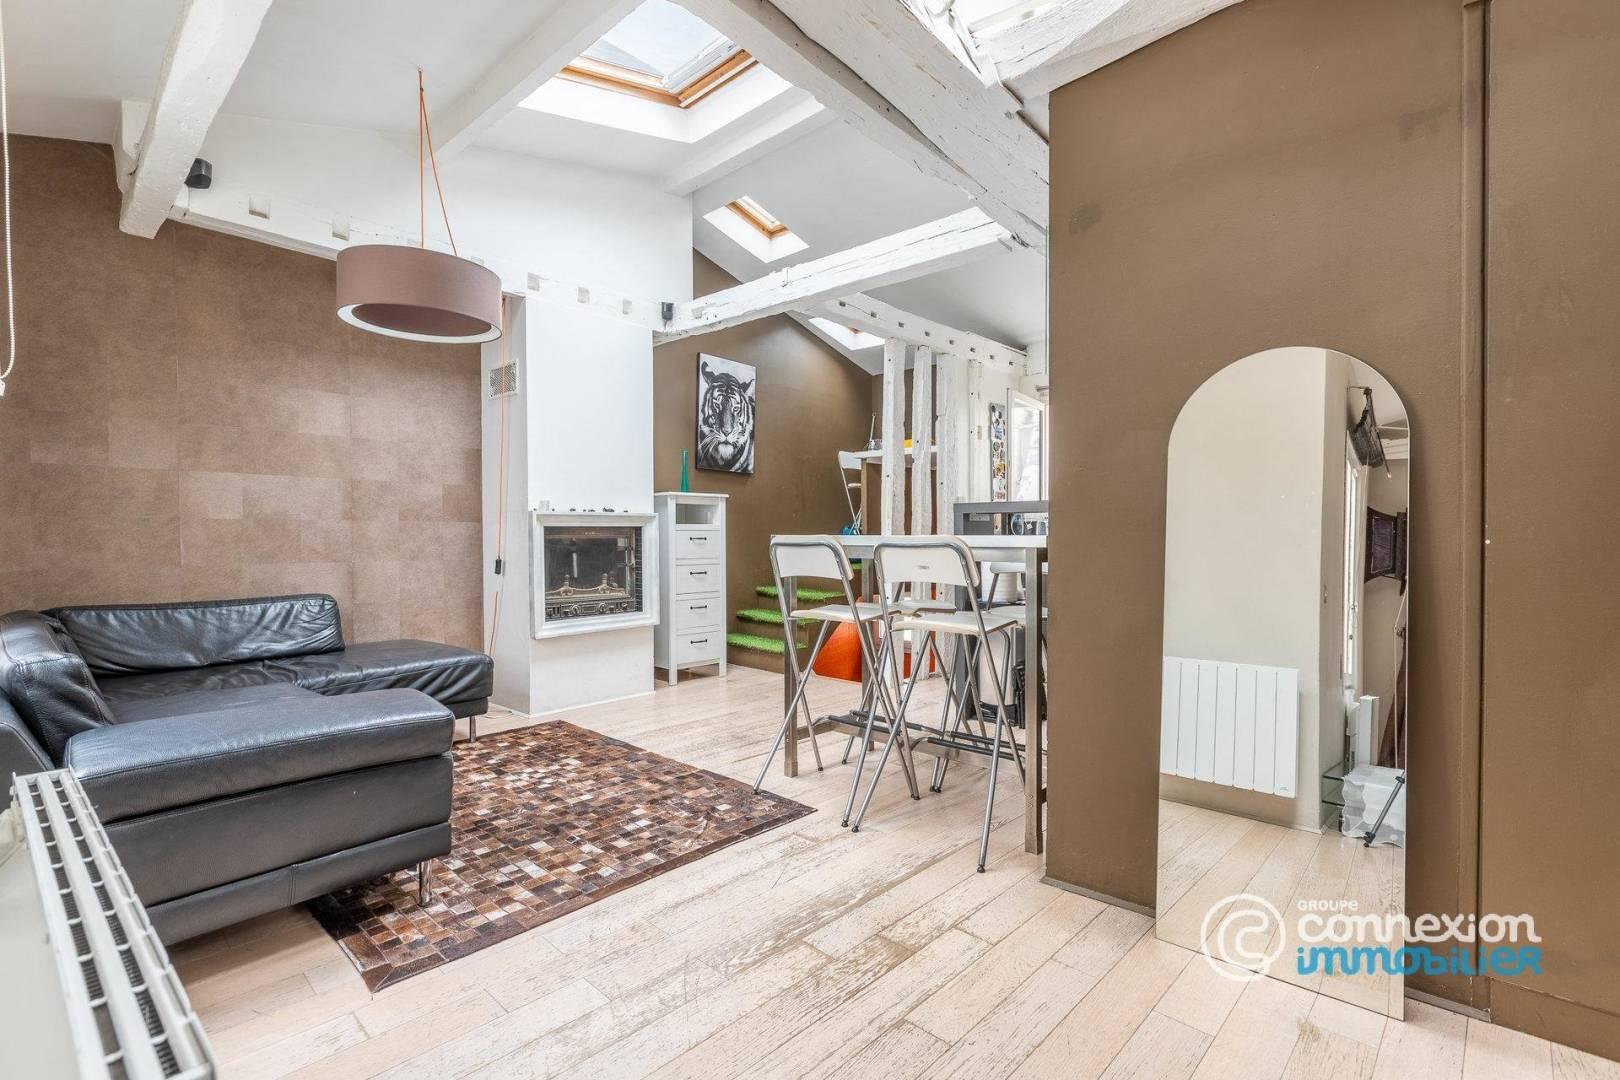 Living-room Wooden floor Skylight